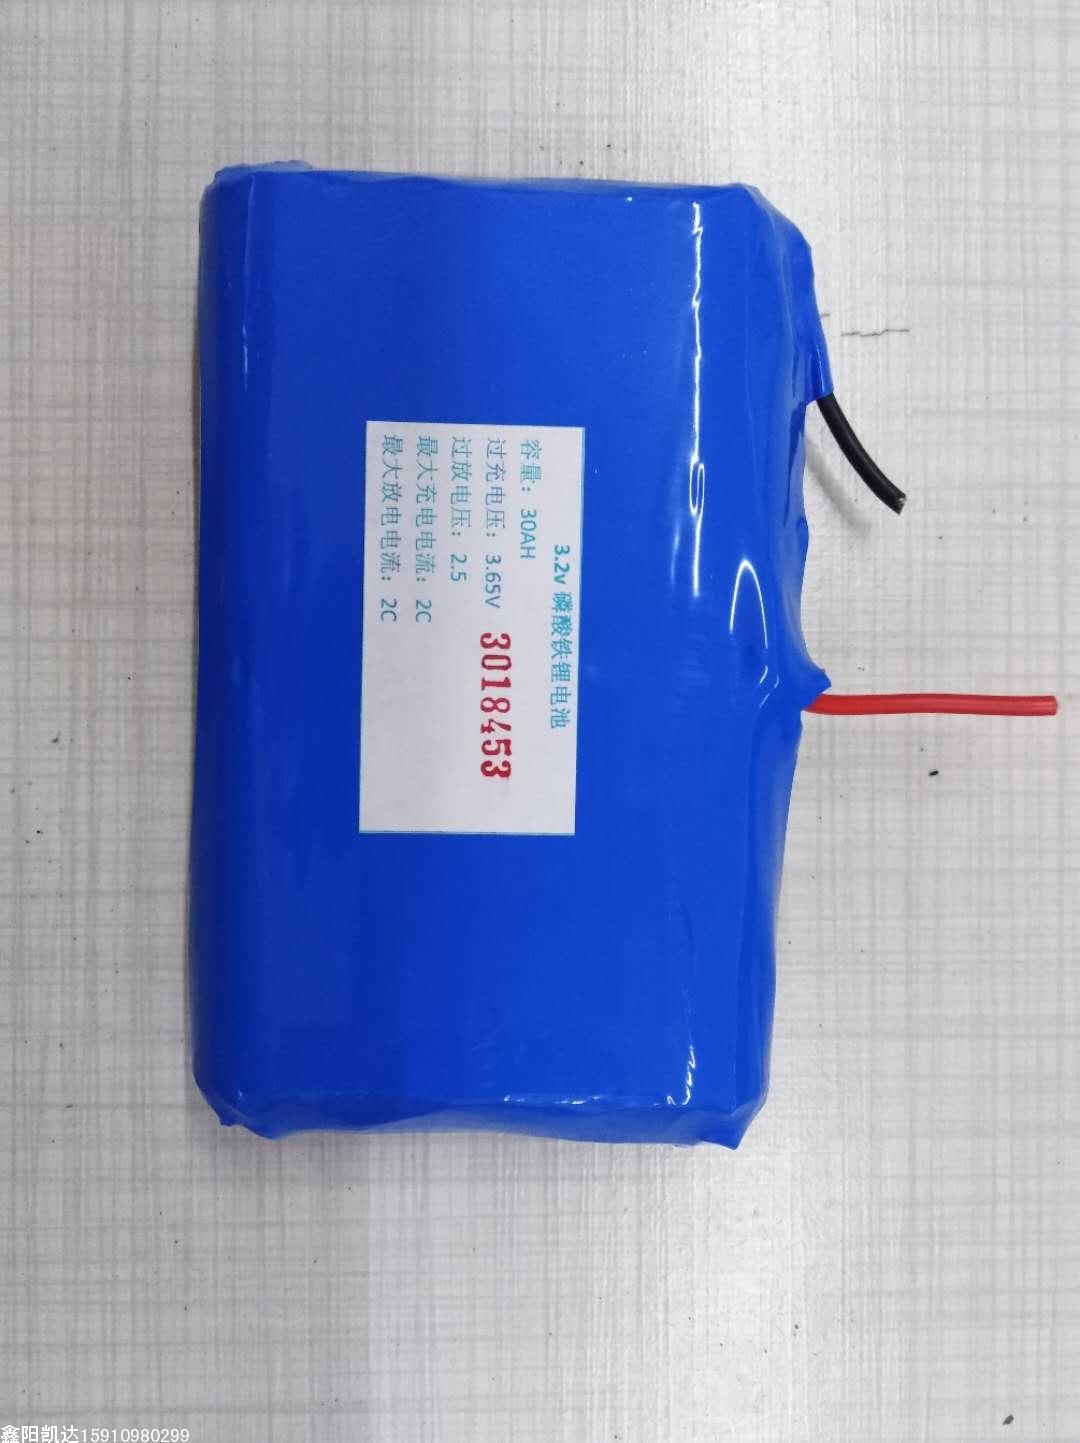 金豆专用30AH磷酸铁体电池